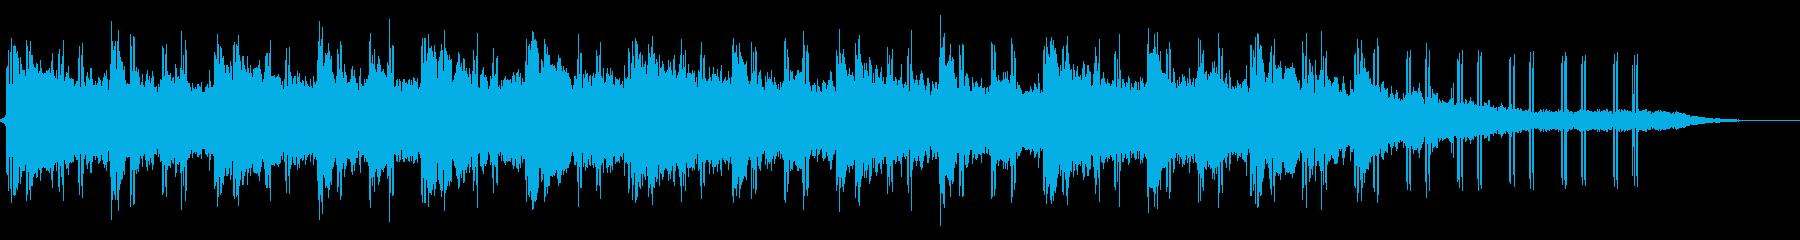 温かみのあるイメージのBGMの再生済みの波形